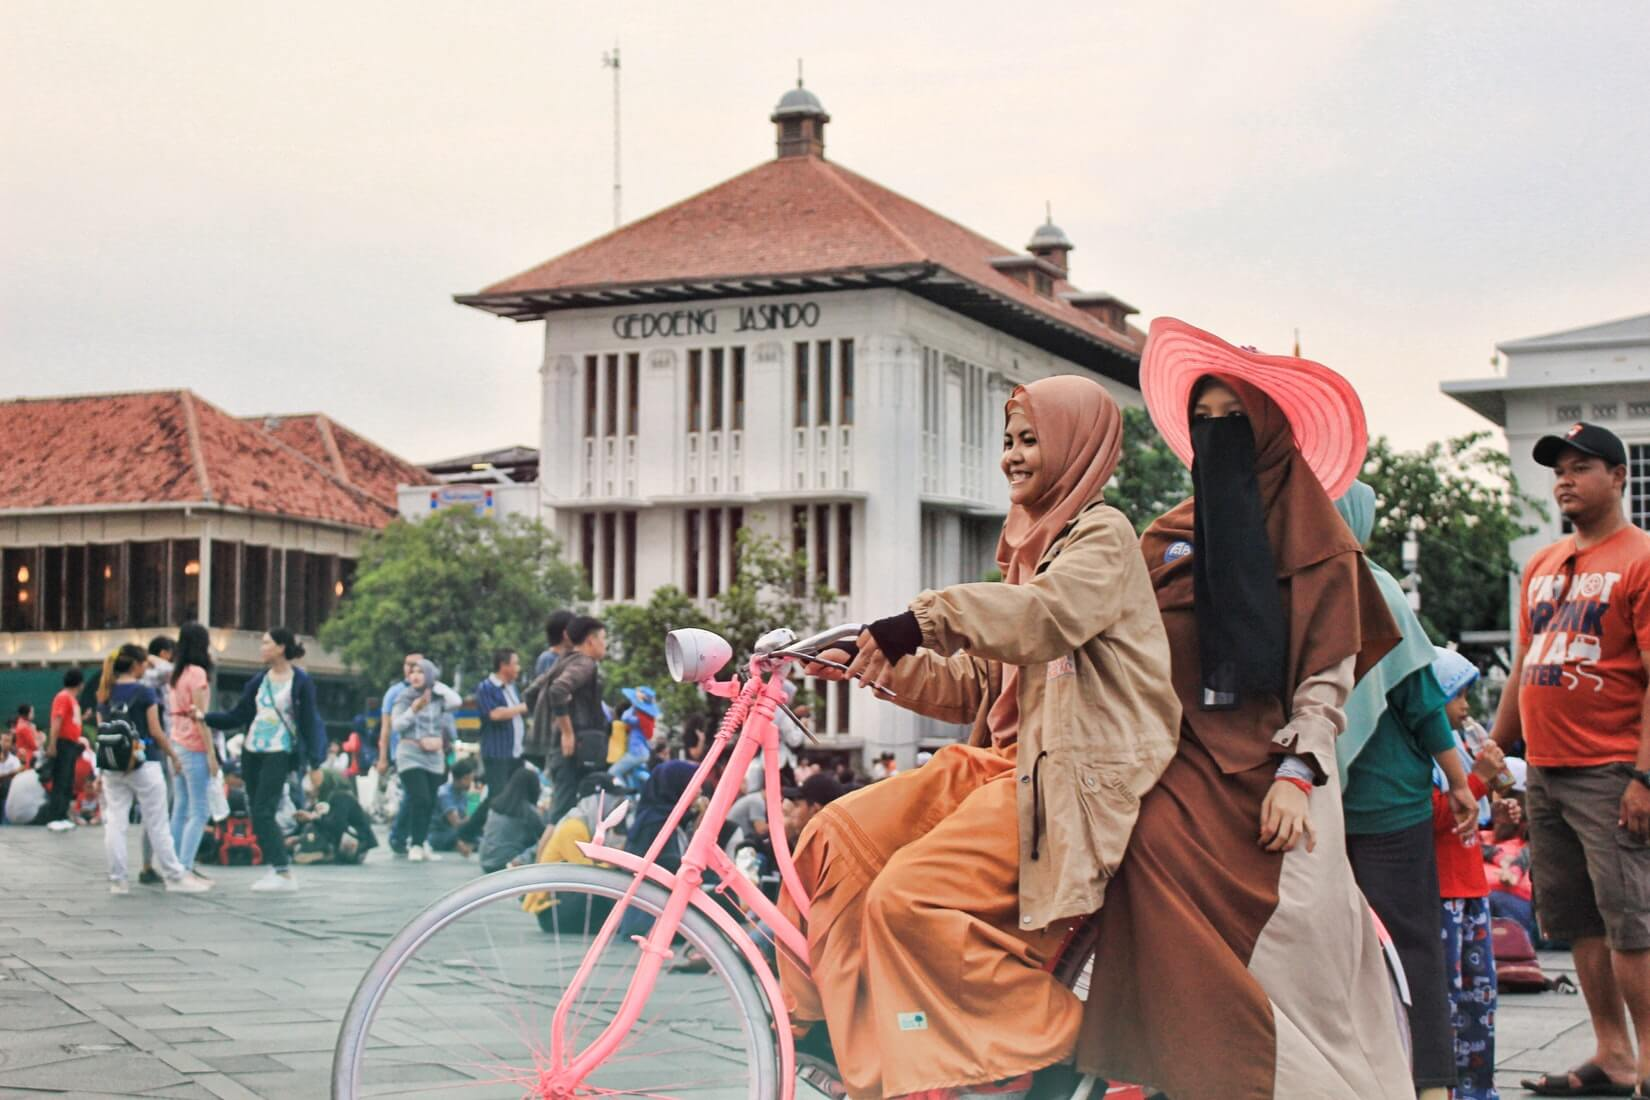 图片:雅加达骑自行车的女子